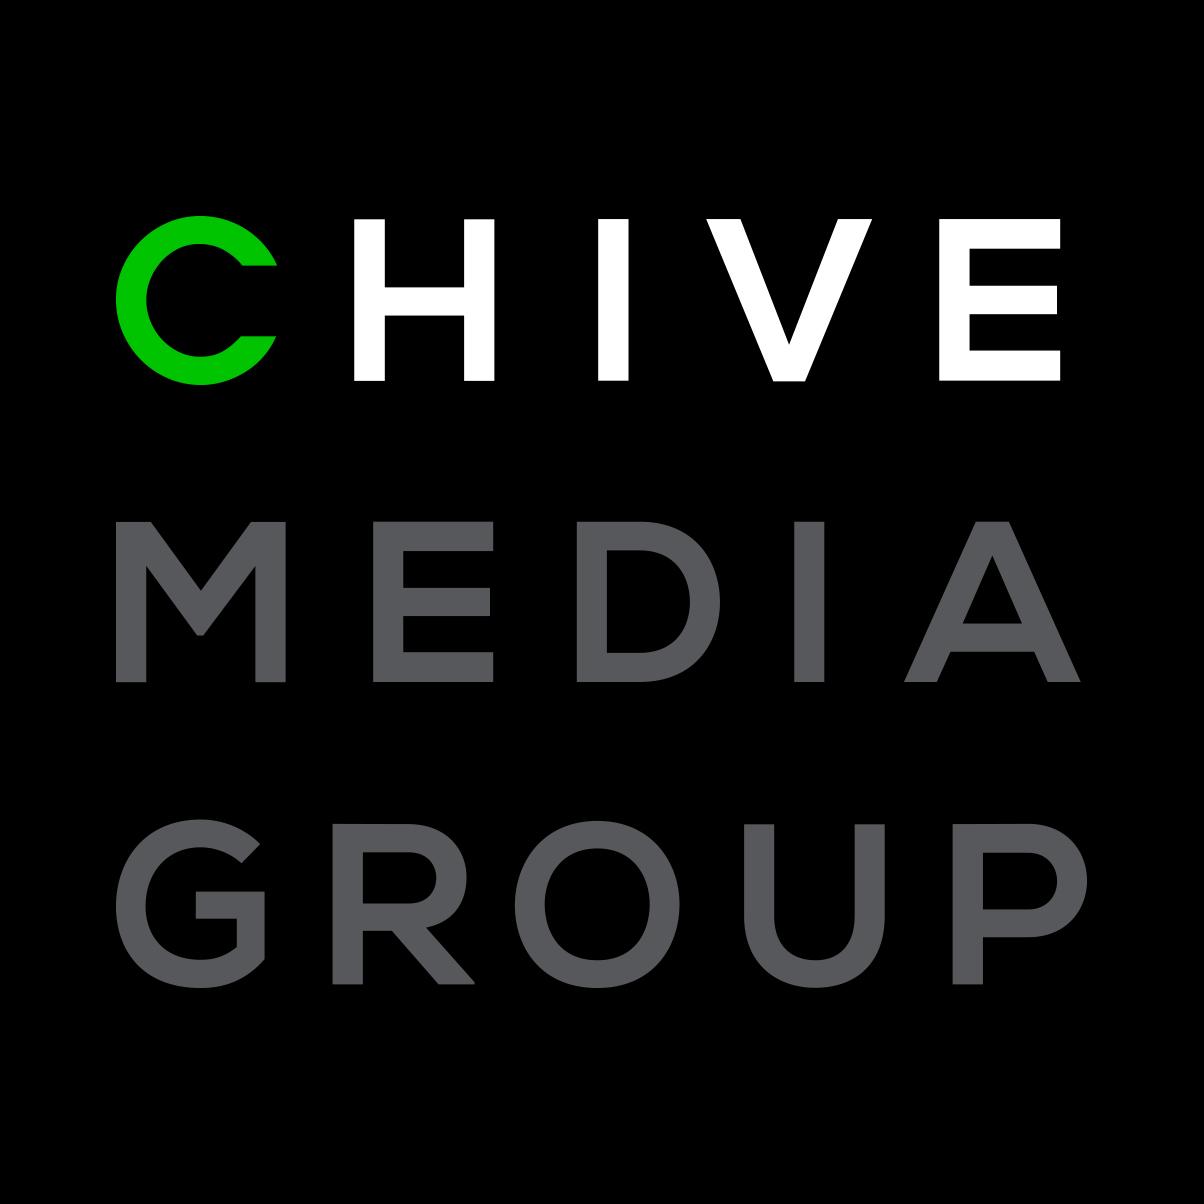 chive media group job board